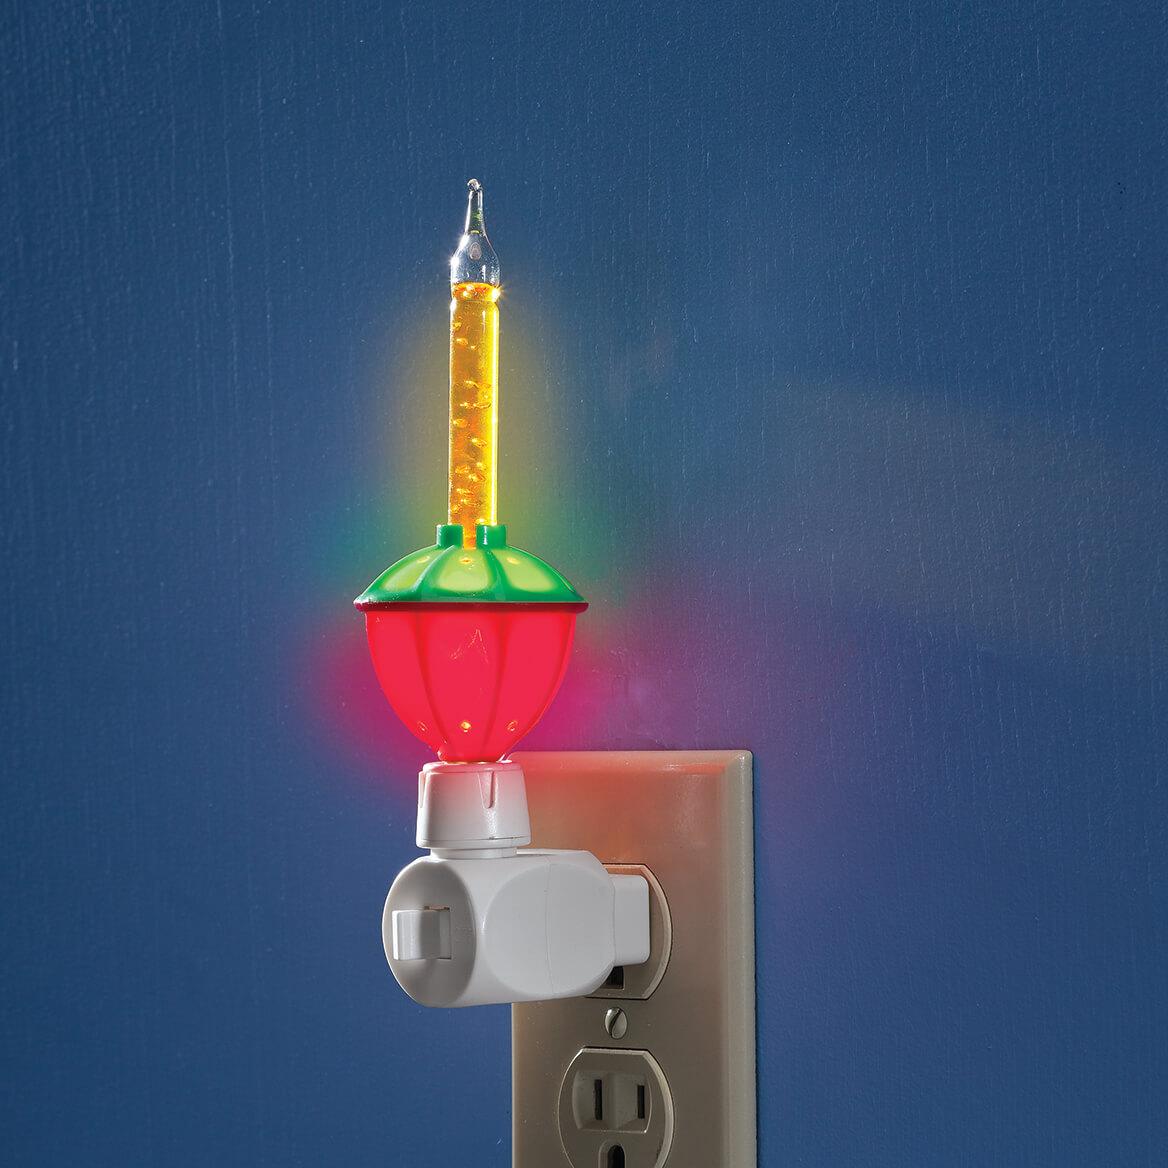 Bubble Light Nightlight-349634